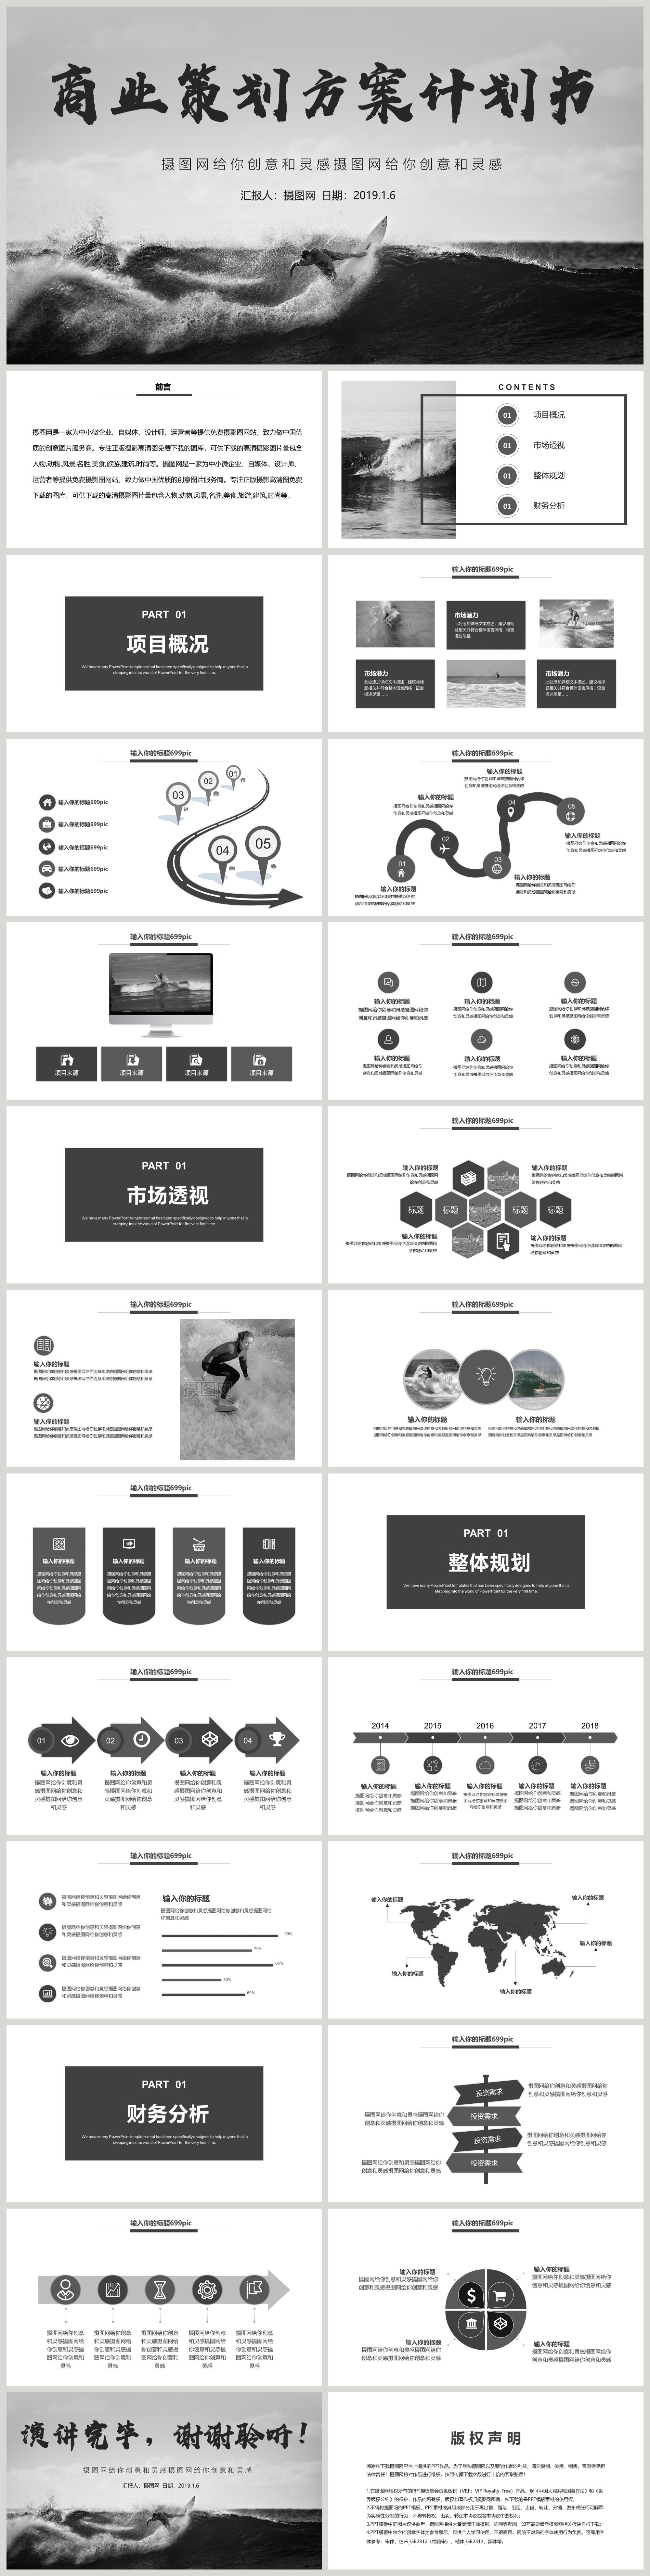 templat ppt buku proposal rencana bisnis gambar unduh ...